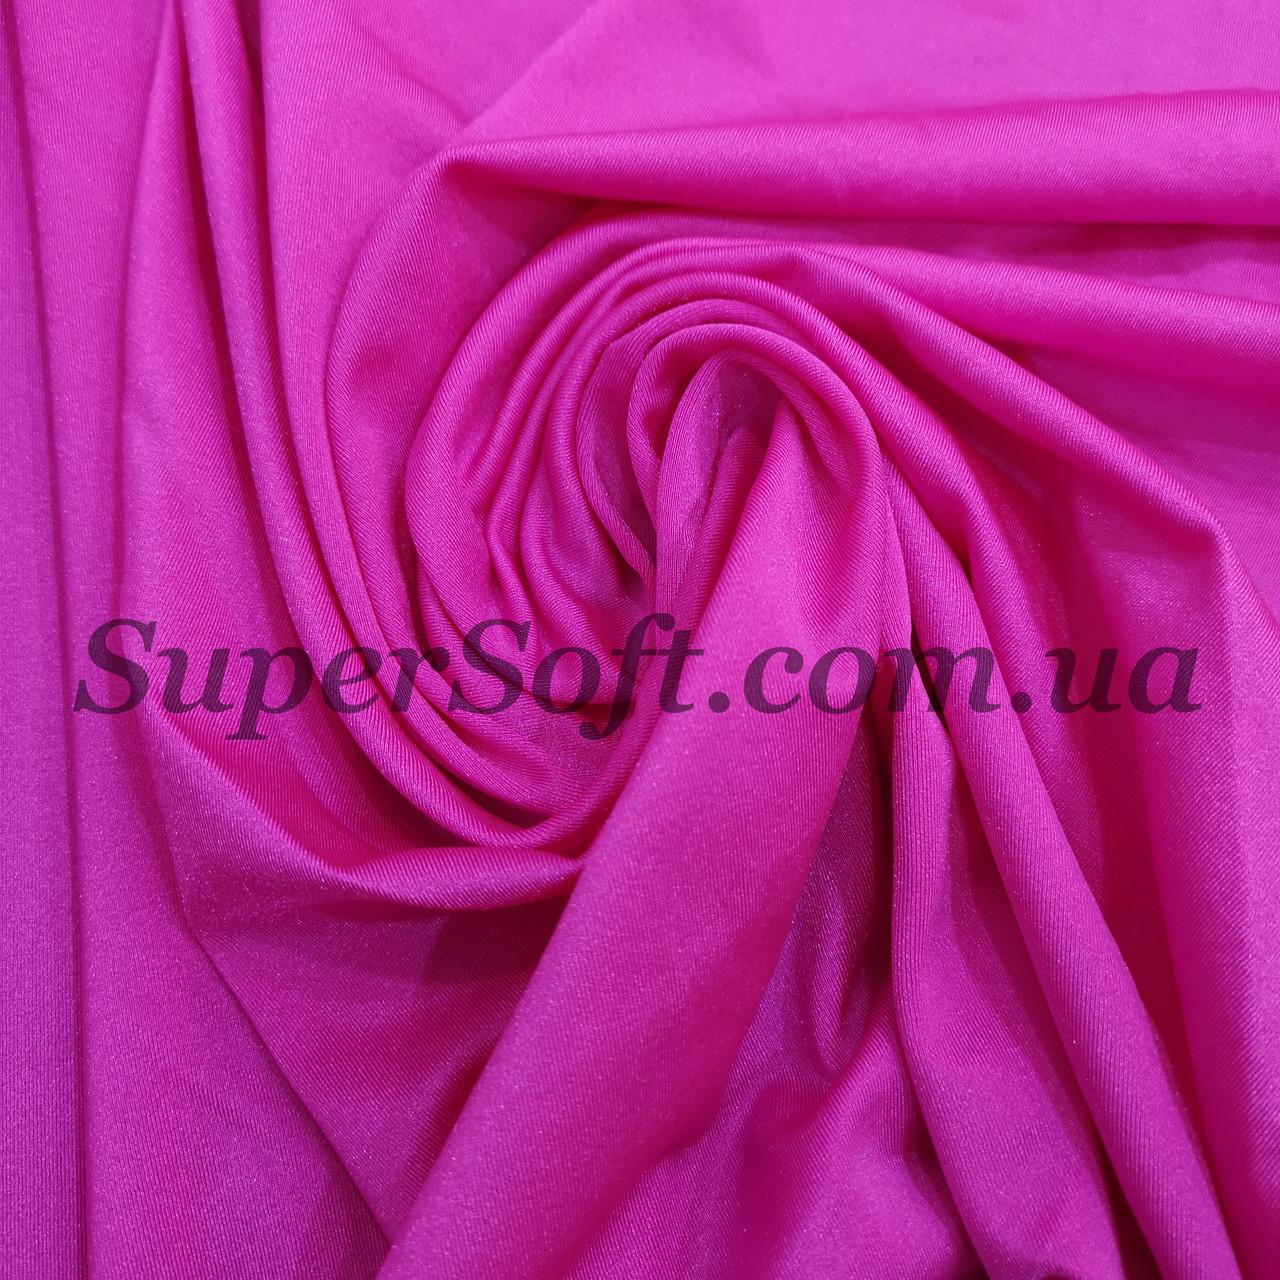 5279533a9484 Трикотаж бифлекс блестящий малиновый - SuperSoft ткани в розницу и оптом в  Харькове